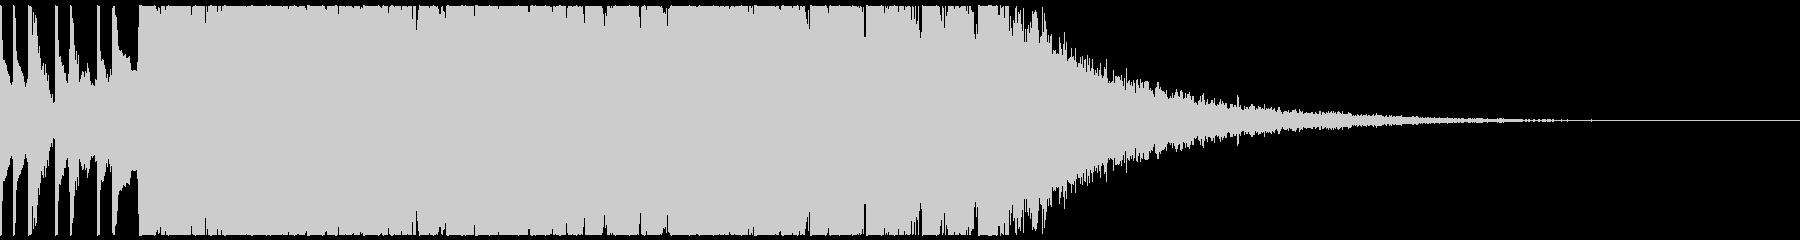 南国 トロピカルハウス ジングルの未再生の波形